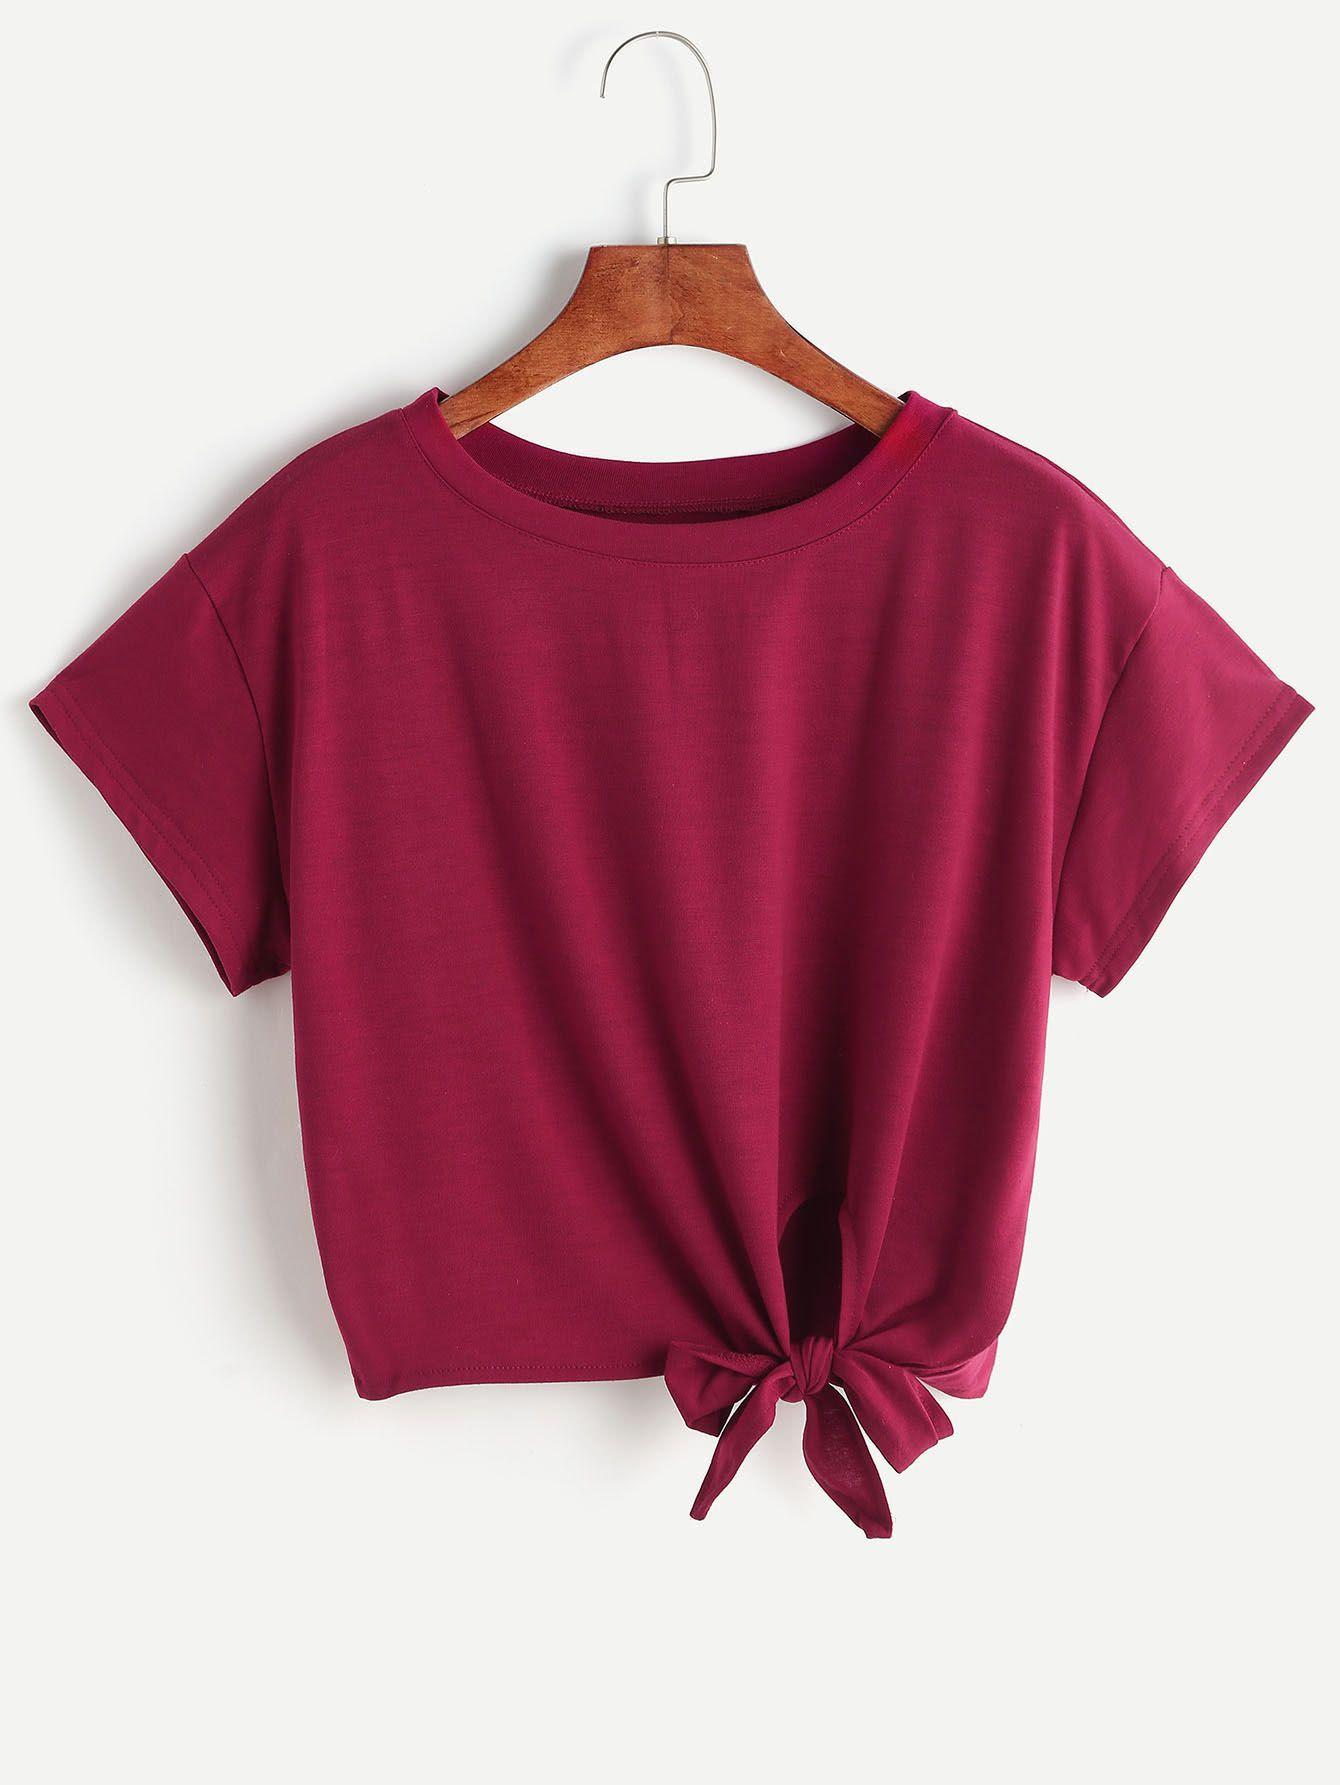 Burgundy tie side crop tshirt ropa tmblr ropa tumblr